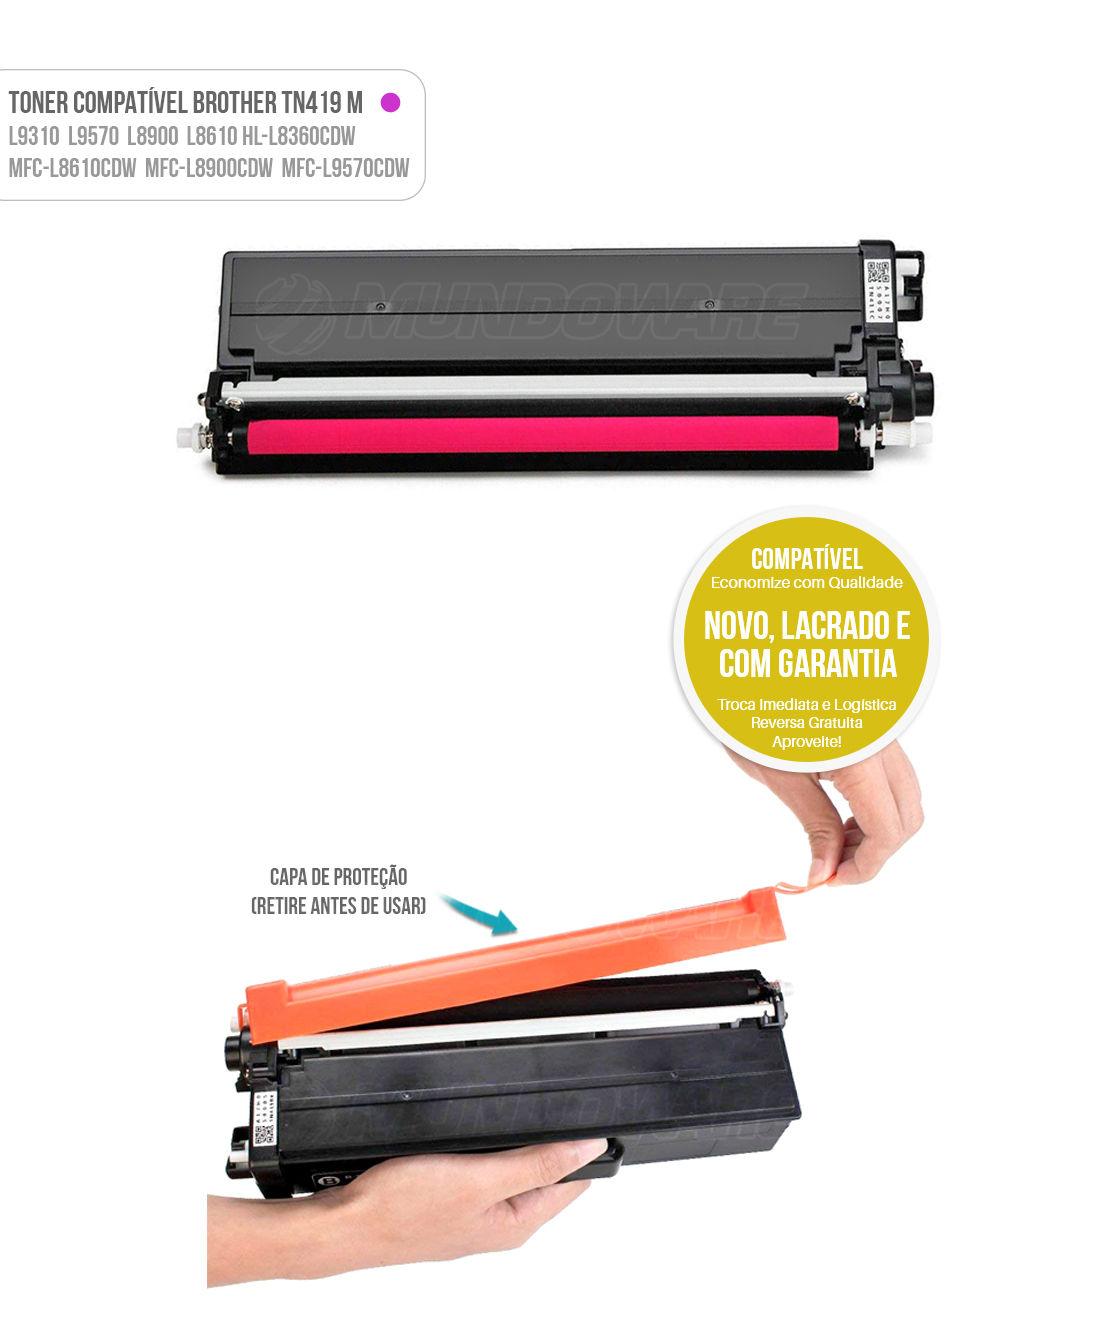 Toner Magenta Compatível com TN419 TN-419M para impressora Brother HL-L8360CDW MFC-L8610CDW L8900CDW L9570CDW L8360 L8610 L8900